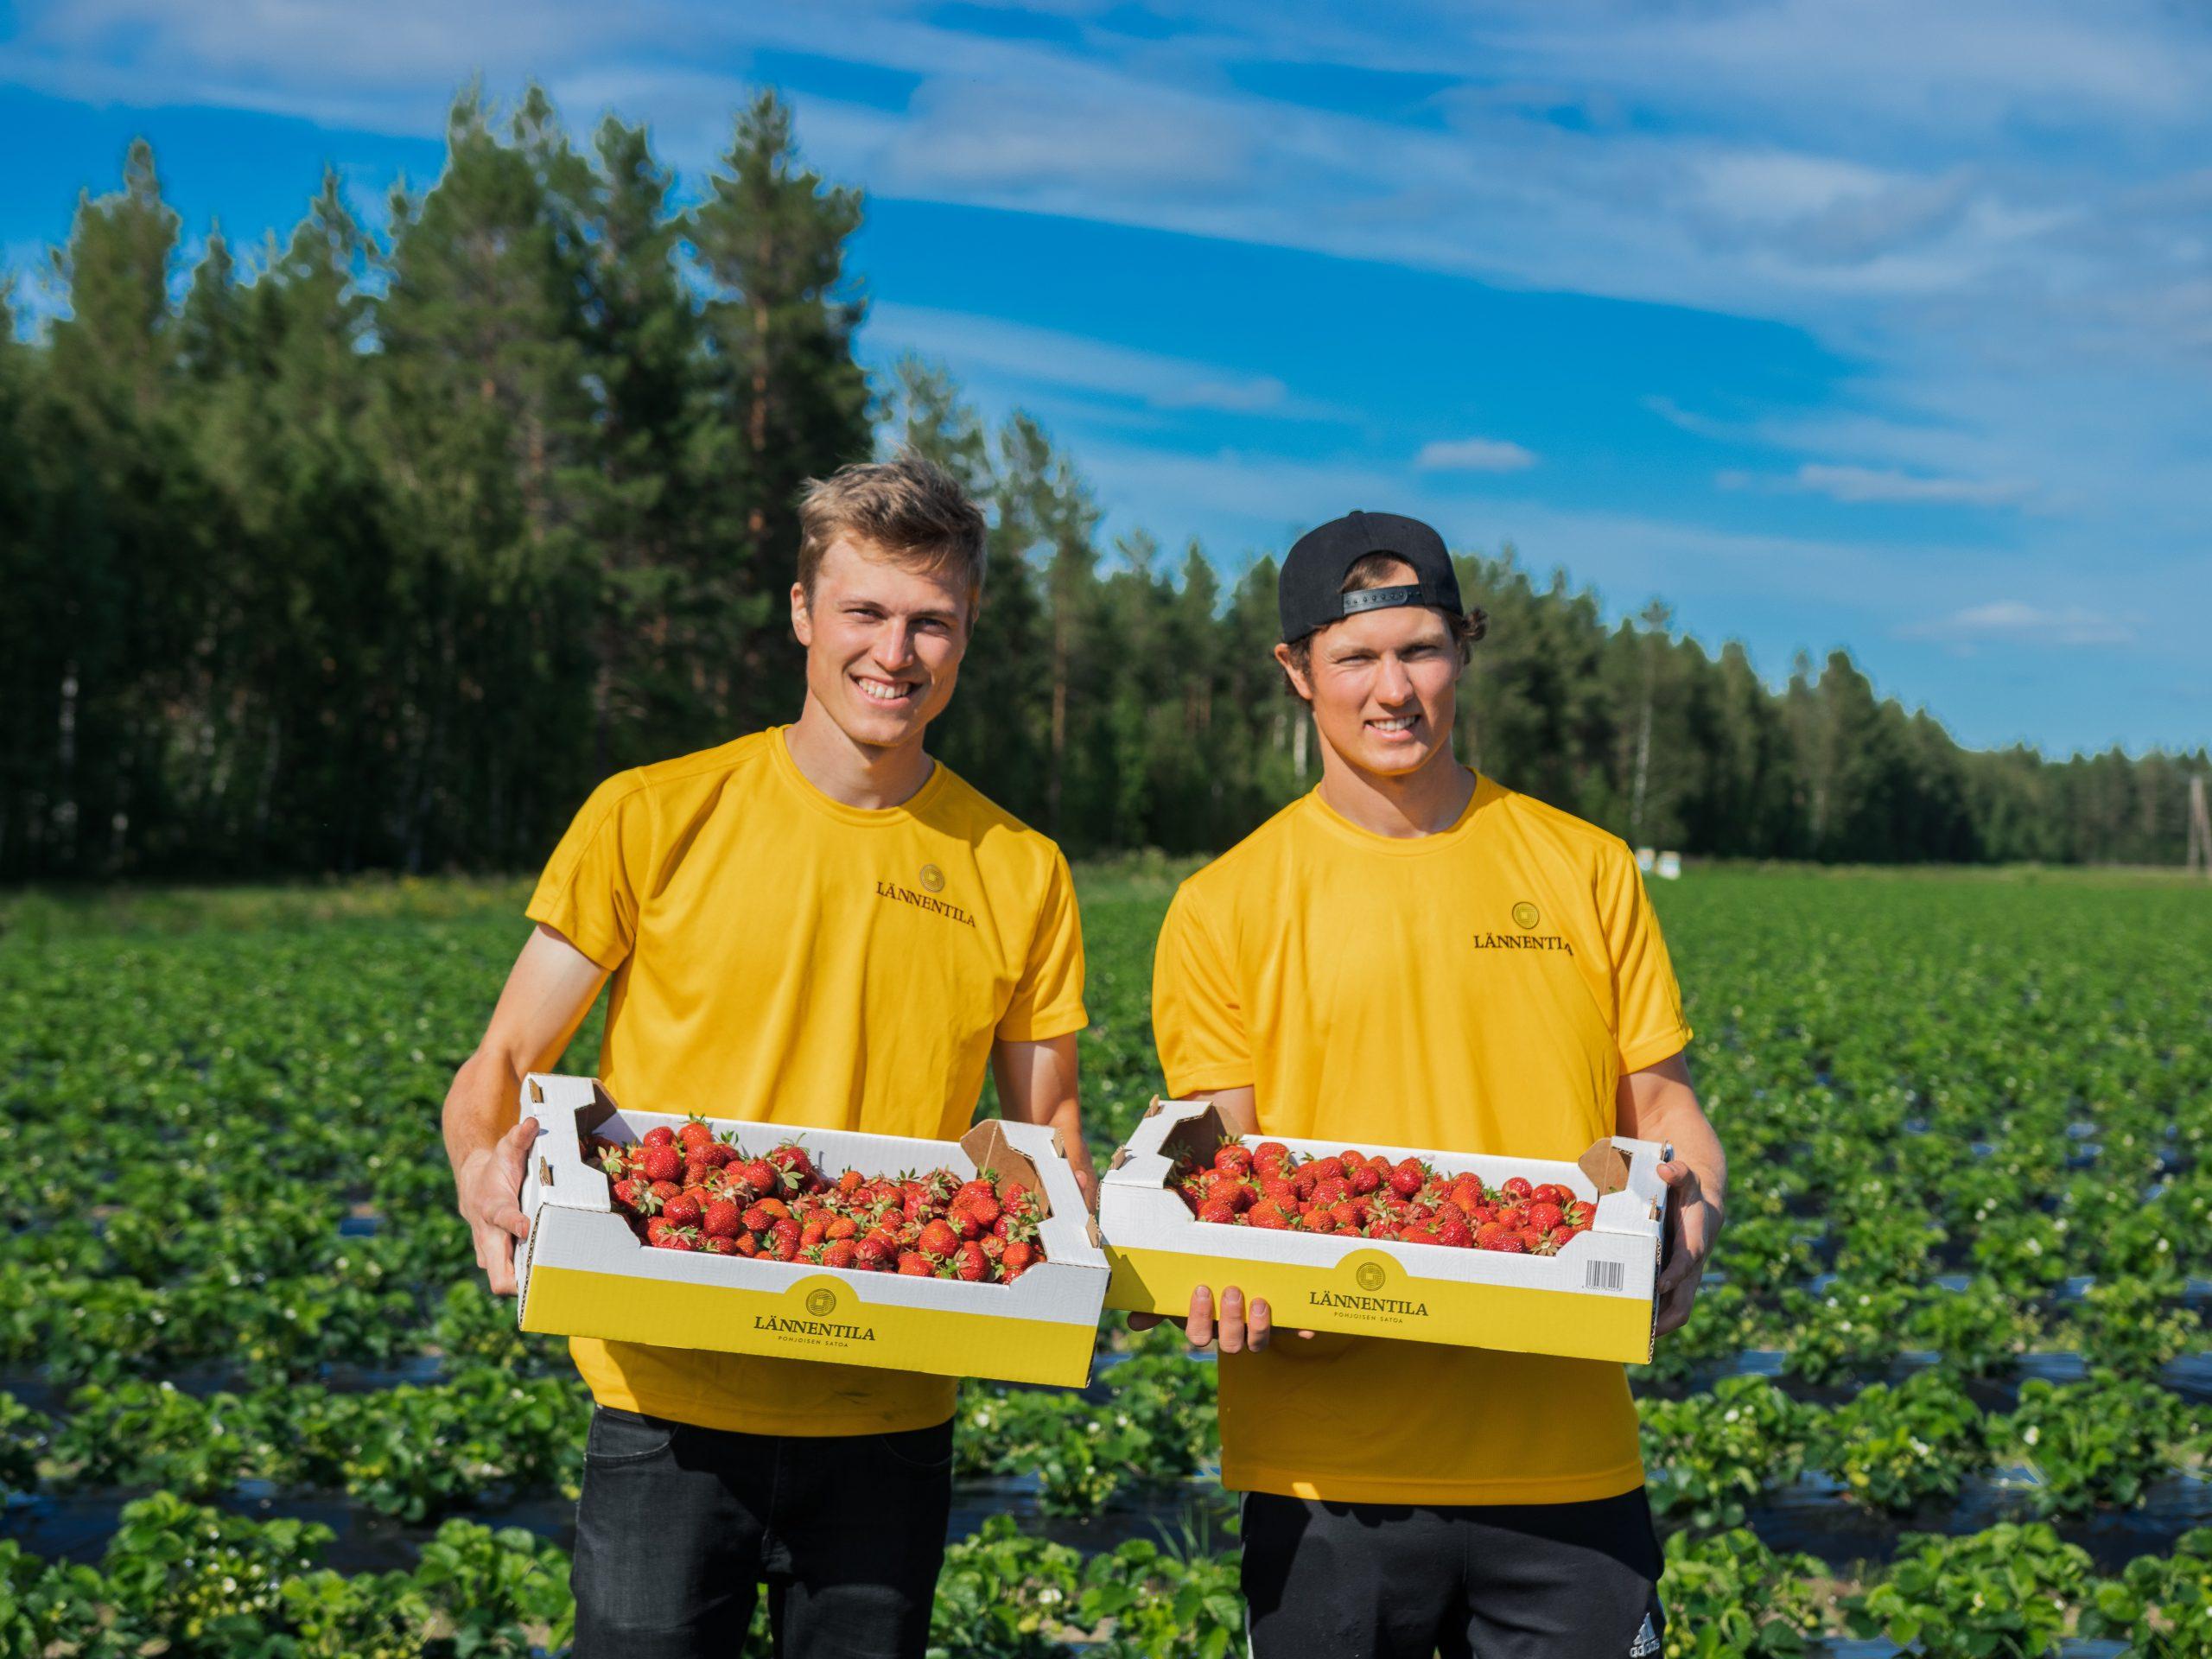 Lännentila on Oulun ja Raahen alueella suurin mansikkatila. Päälajikkeena on Polka, suomalaisten suosikkimansikka.